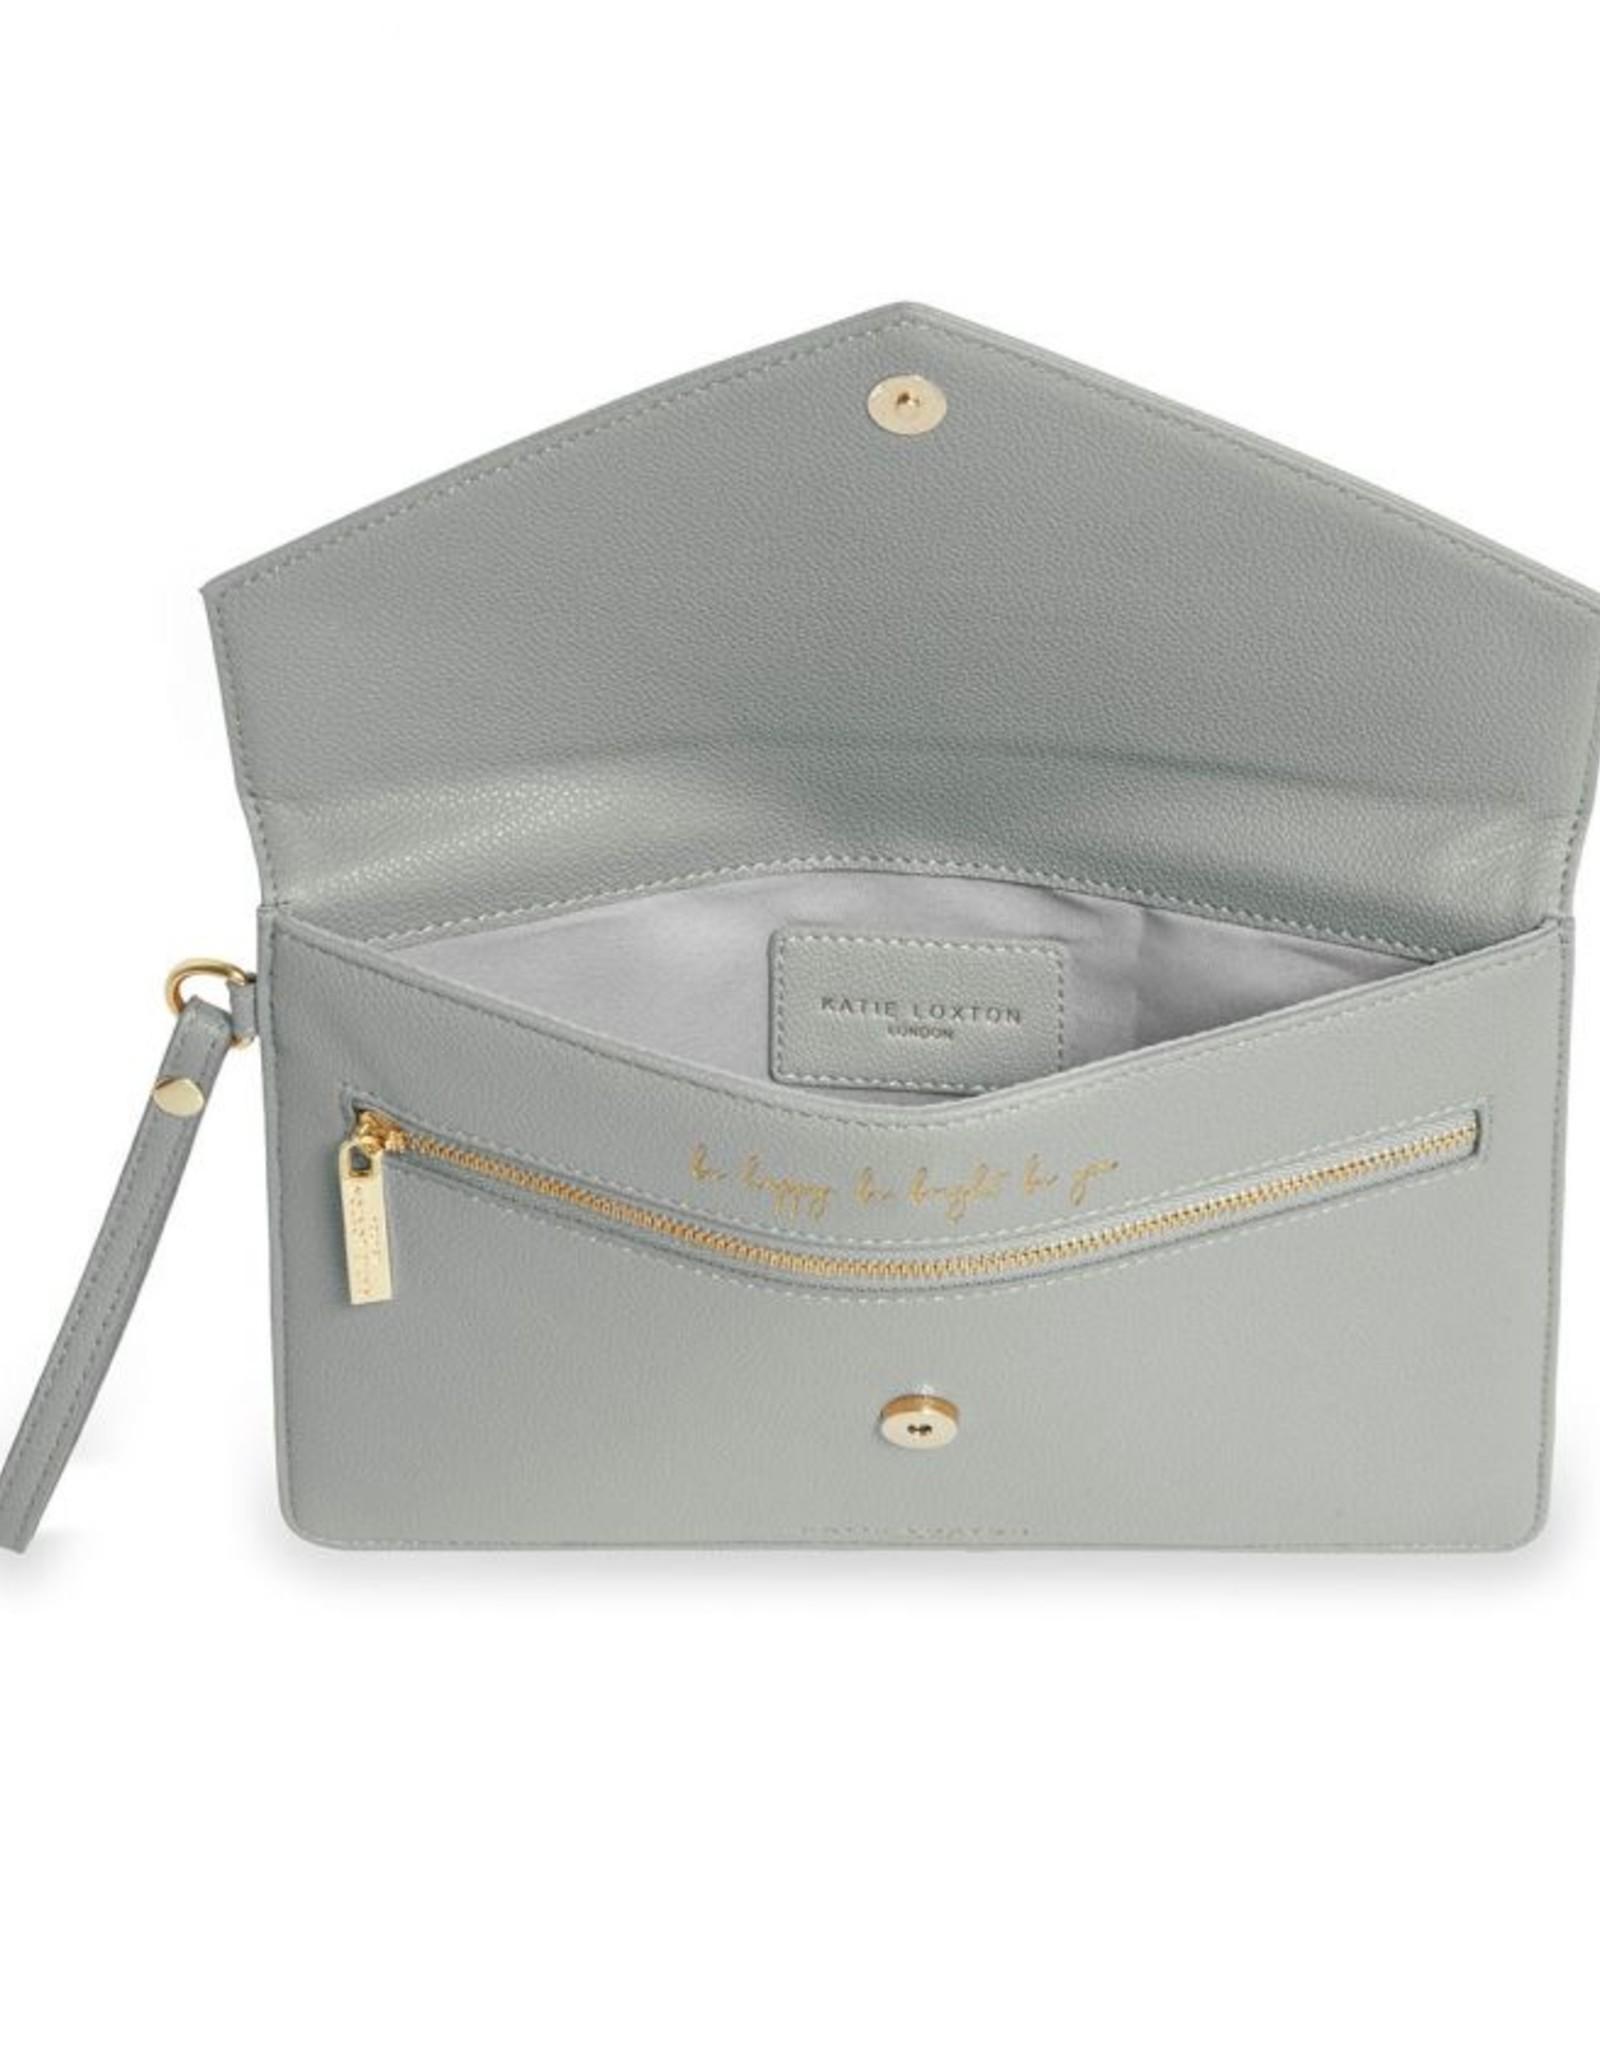 Katie Loxton Katie Loxton - Esme Envelope Clutch Bag